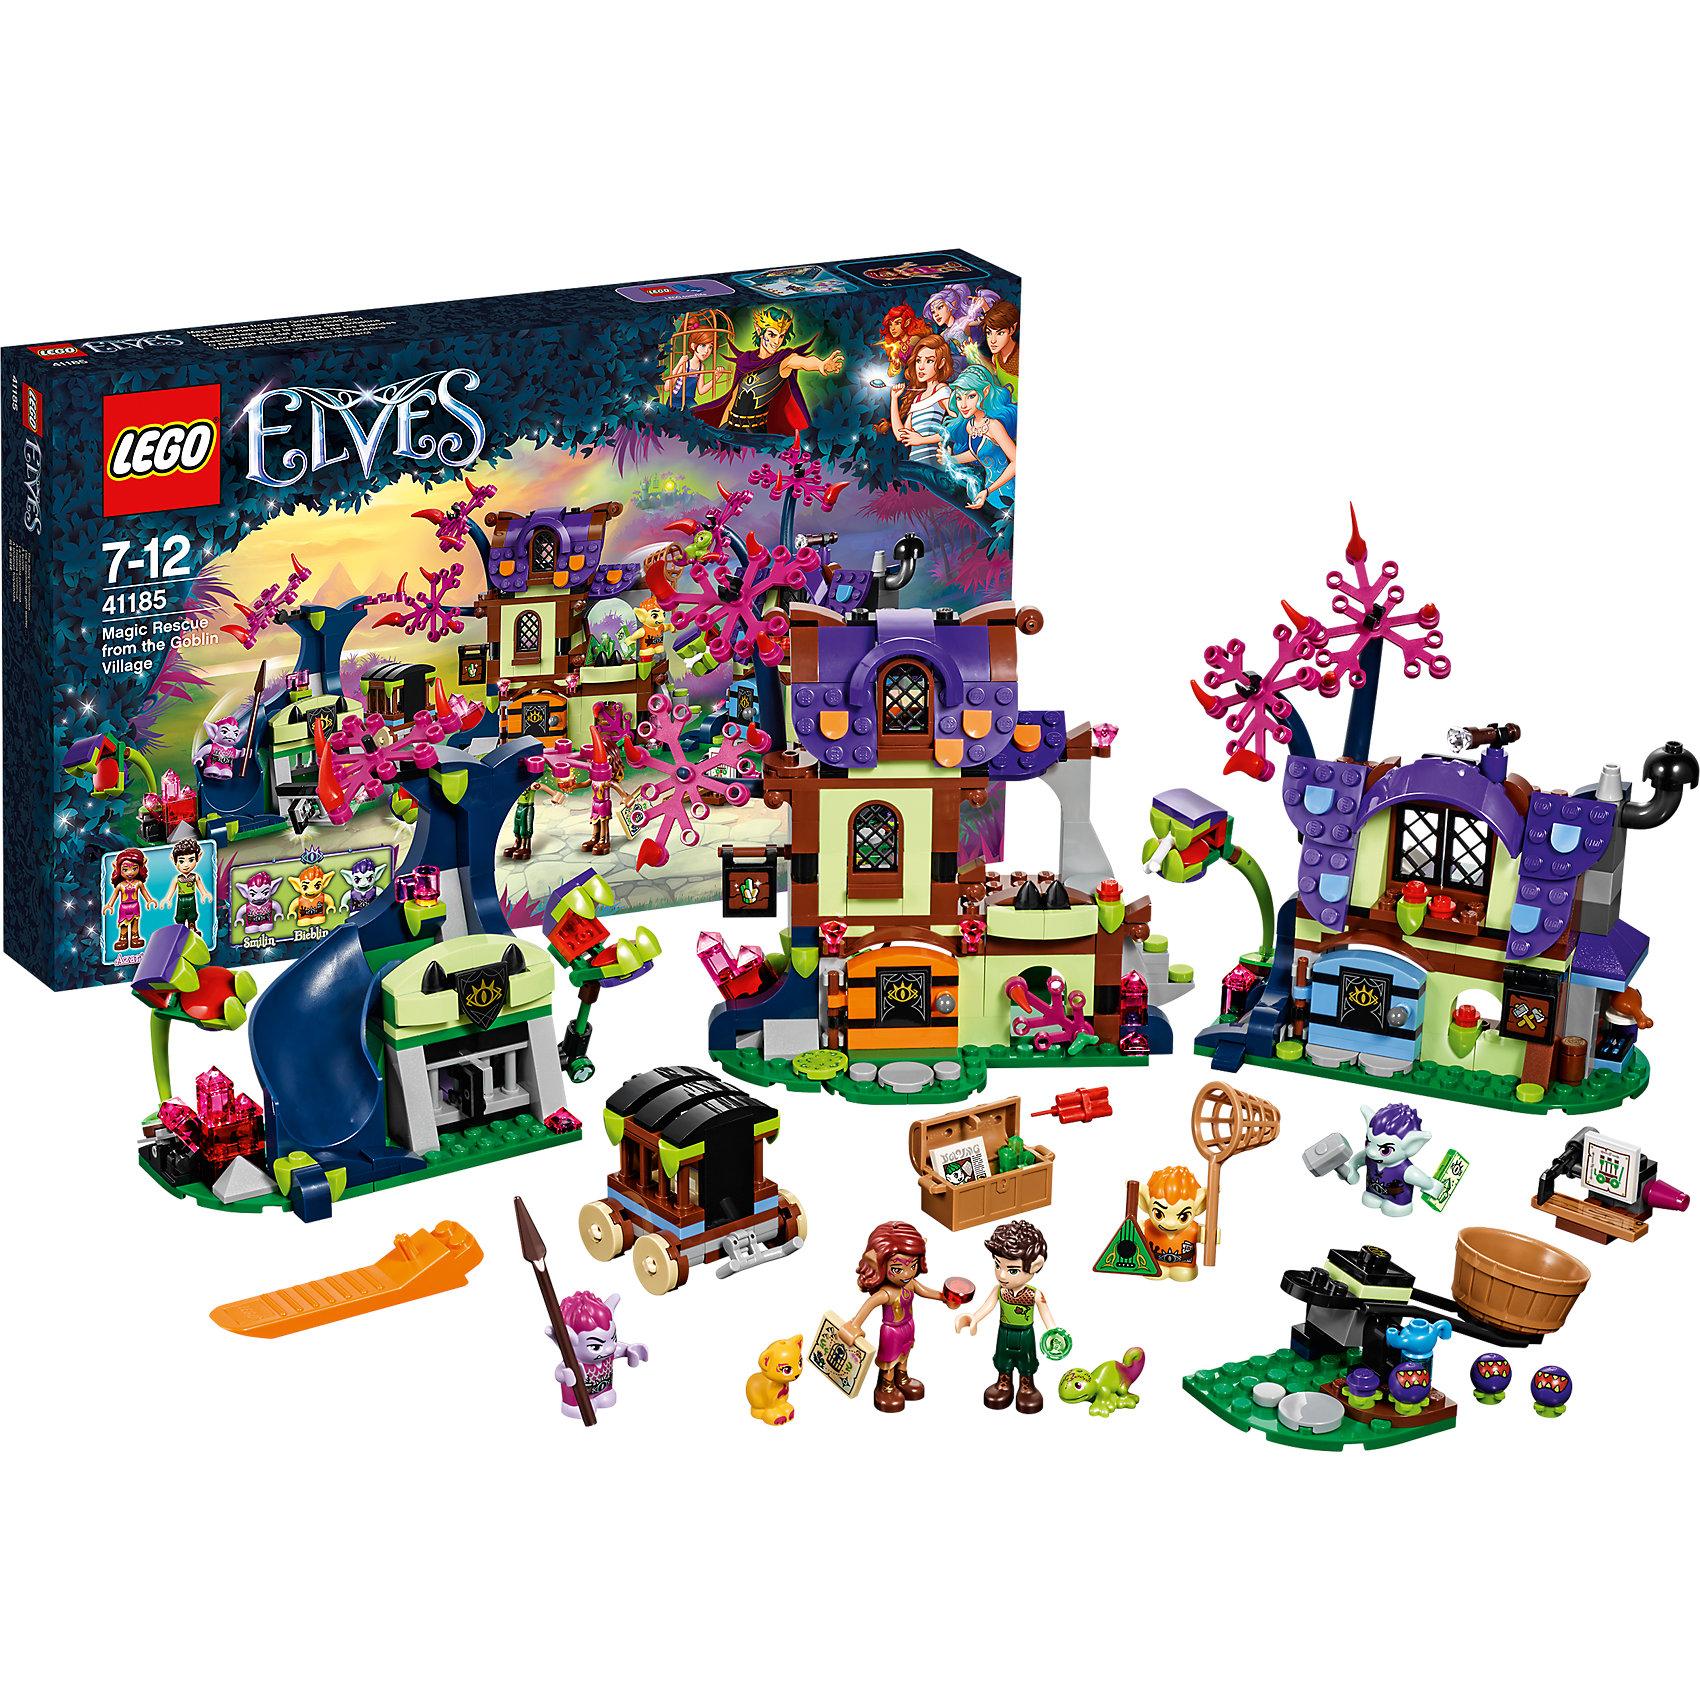 LEGO Elves 41185: Побег из деревни гоблиновПластмассовые конструкторы<br>LEGO Elves 41185: Побег из деревни гоблинов<br><br>Характеристики:<br><br>- в набор входит: детали трех домов, повозки, катапульты, 5 фигурок героев, фигурки животных, аксессуары, инструкция по сборке<br>- фигурки набора: эльфы Фарран и Азари, гоблины Фибблин, Байблин и Смайлин<br>- состав: пластик<br>- количество деталей: 343<br>- для детей в возрасте: от 8 до 12 лет<br>- Страна производитель: Дания/Китай/Чехия<br><br>Легендарный конструктор LEGO (ЛЕГО) представляет серию «Elves» (Эльфы) – магическую вселенную, наполненную приключениями!<br><br>Дети должны помочь эльфам найти четыре волшебных ключа, чтобы вернуть Эмили Джонс домой. Два отважных эльфа прокрались в деревню гоблинов чтобы найти Эмили, спасти животных и вернуть украденные драгоценные камни. Большая деревня состоит из разных домов, некоторые оснащены опасными плотоядными растениями, подзорными трубами для слежения, горкой для быстрого спуска, а также передвижной катапультой. Опасные гоблины помещают животных в клетки, а из растений готовят ядовитые шипы. <br><br>Фигурки эльфов качественно прорисованы, могут поворачивать головой, руками, торсом и принимать сидячее положение. Красивые рельефные волосы распущены, детали одежды оснащены выступающими складками по краям ткани и добавляют фигуркам реалистичности. Фигурки гоблинов могут двигать руками, поворачивать головой, держать предметы в руках, их причёски тоже детализированы. Огромное количество аксессуаров сделают игру с набором еще более увлекательной! Детали набора отлично сочетаются в другими наборами серии LEGO Elves. <br><br>Играя с конструктором ребенок развивает моторику рук, воображение и логическое мышление, научится собирать по инструкции и создавать свои модели. Придумывайте новые истории любимых героев с набором LEGO «Elves»!<br><br>Конструктор LEGO Elves 41185: Побег из деревни гоблинов можно купить в нашем интернет-магазине.<br><br>Ширина мм: 478<br>Глубина мм: 281<br>